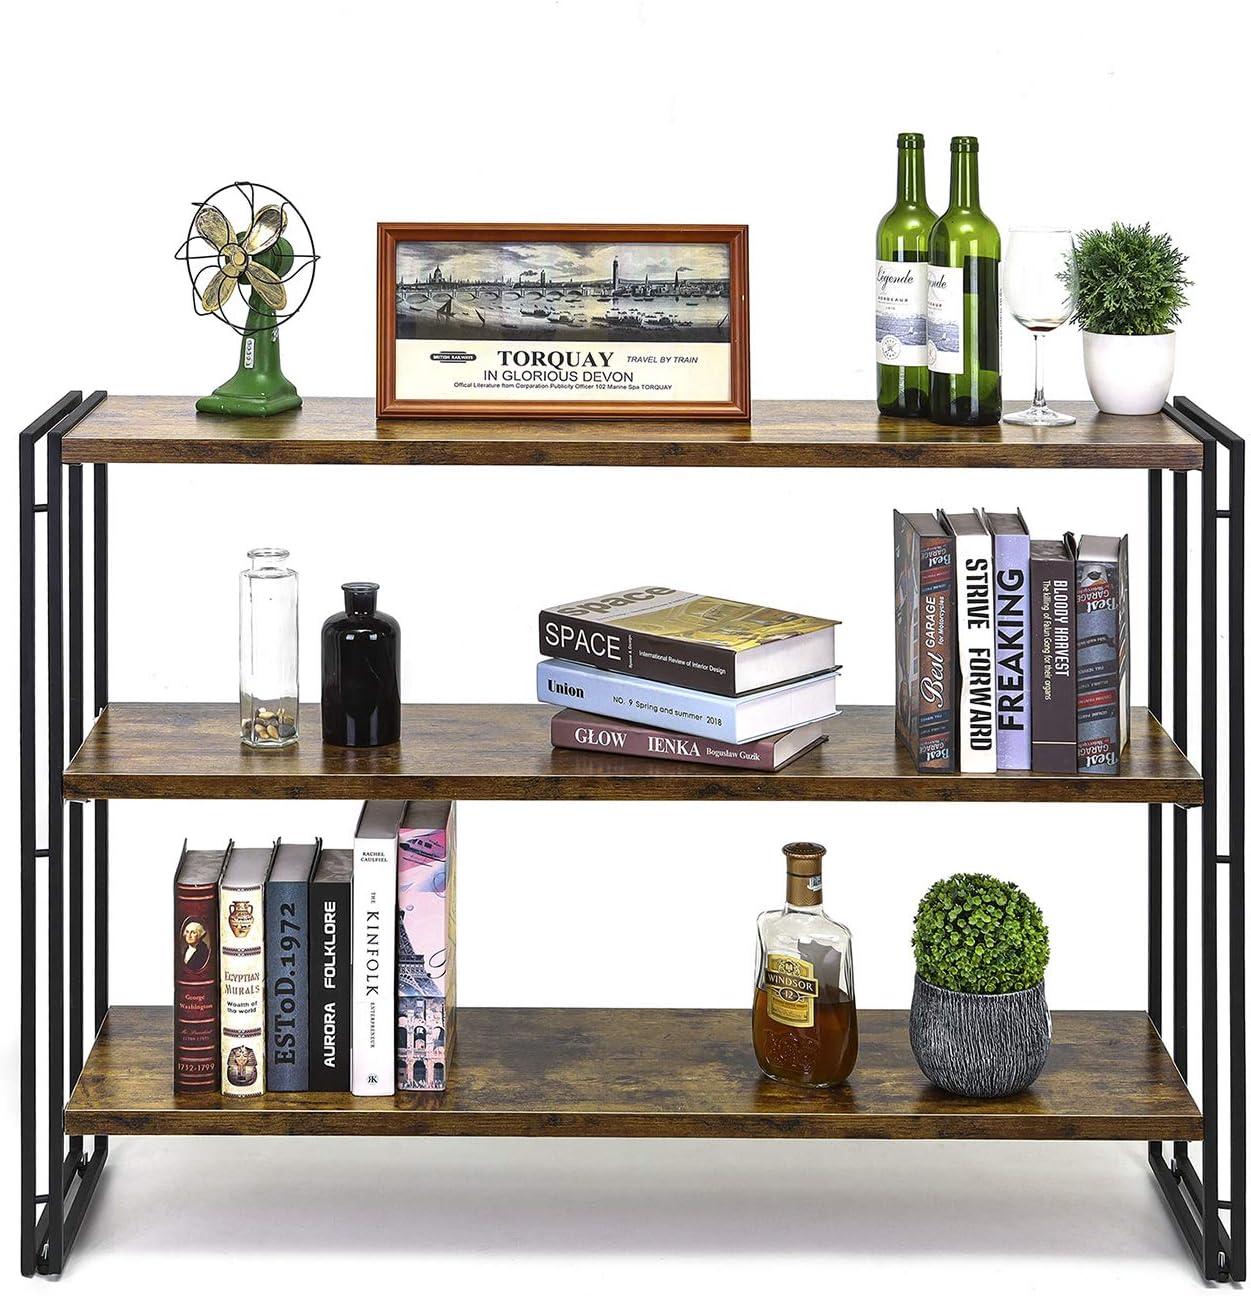 HCHQHS 3 Tier Bookshelf Open Bookcase 47 Inch Rustic Industrial Storage Rack Shelf Cabinet